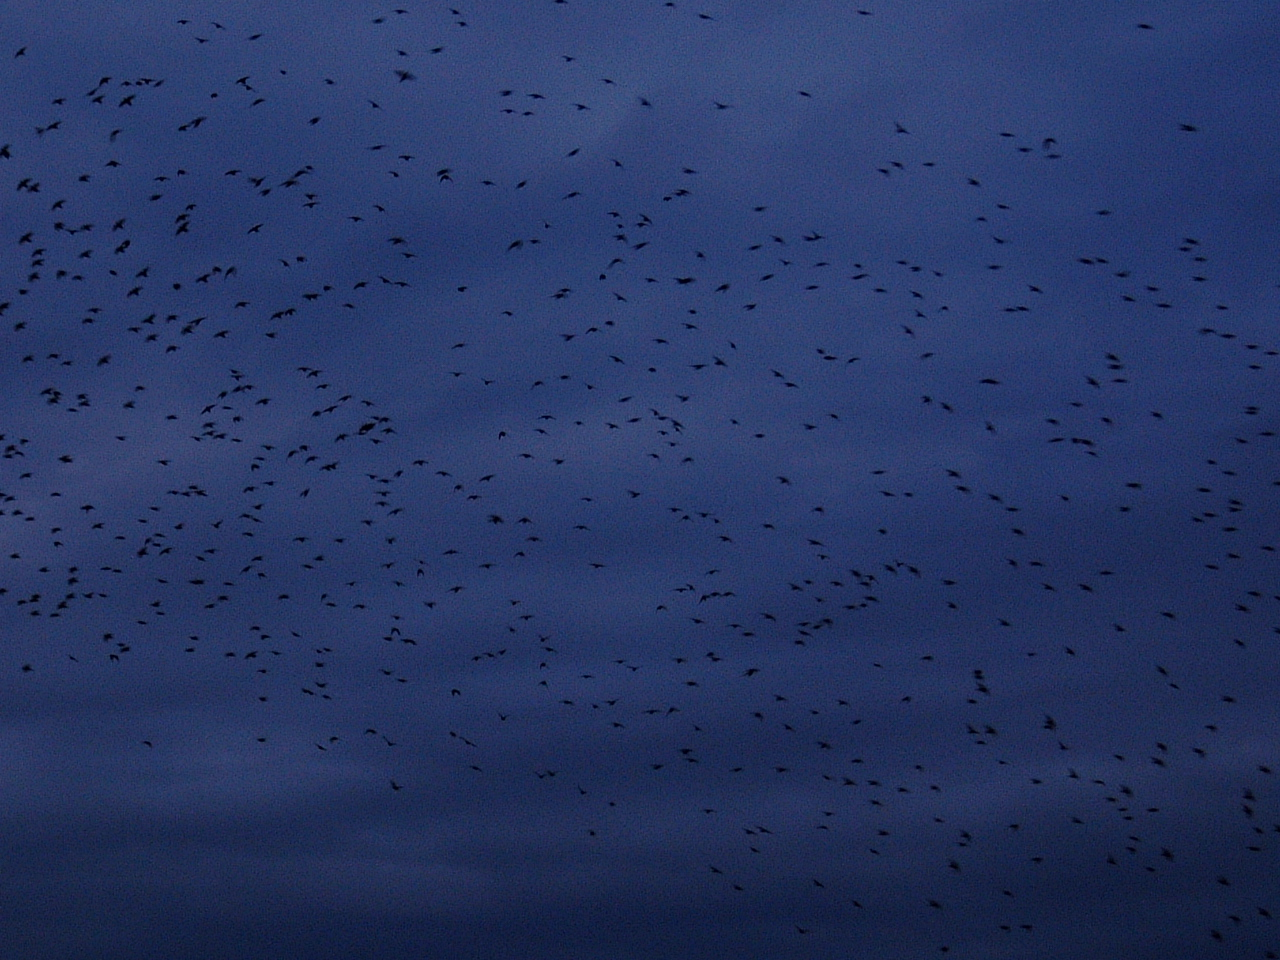 maartent swarm of birds flock night